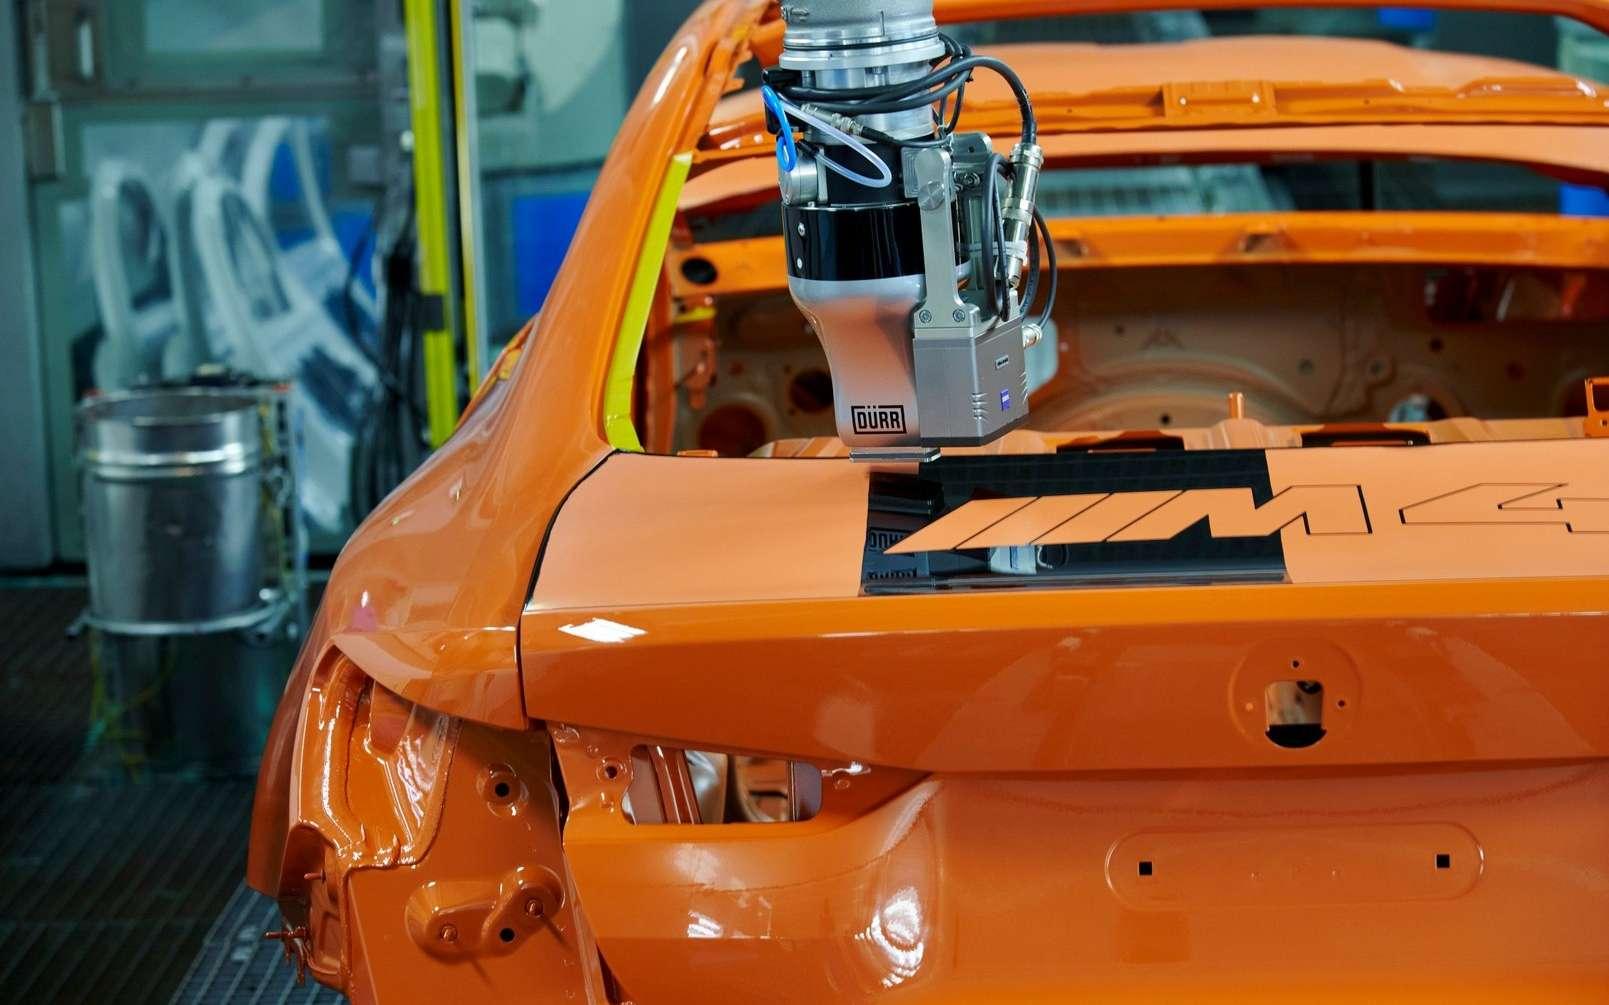 Le robot-peintre EcoPaintJet Pro développé par BMW. © BMW